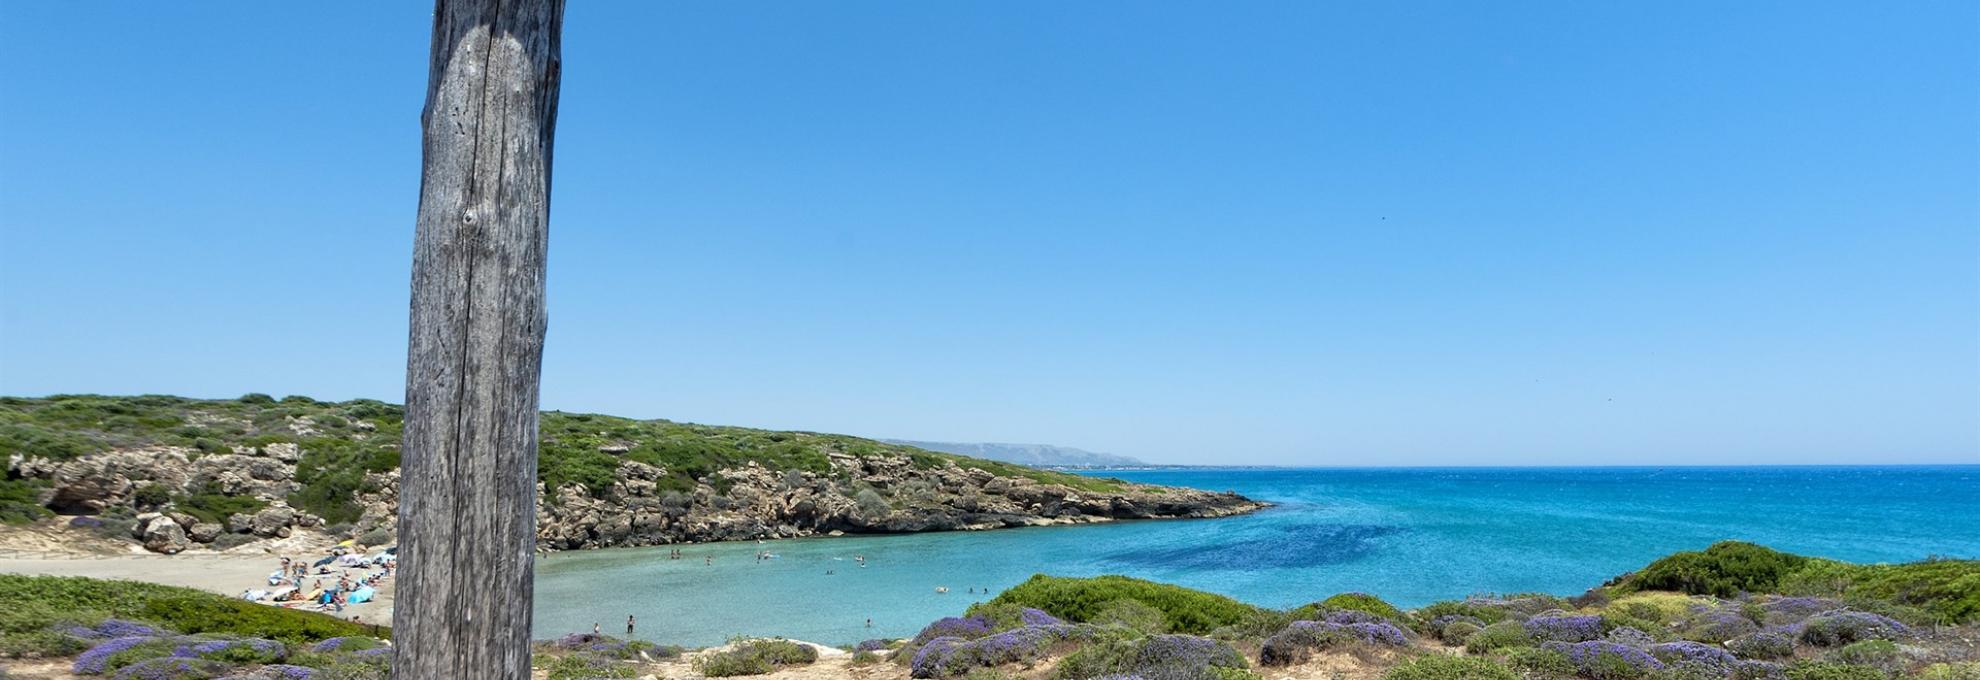 A sicilian beach.